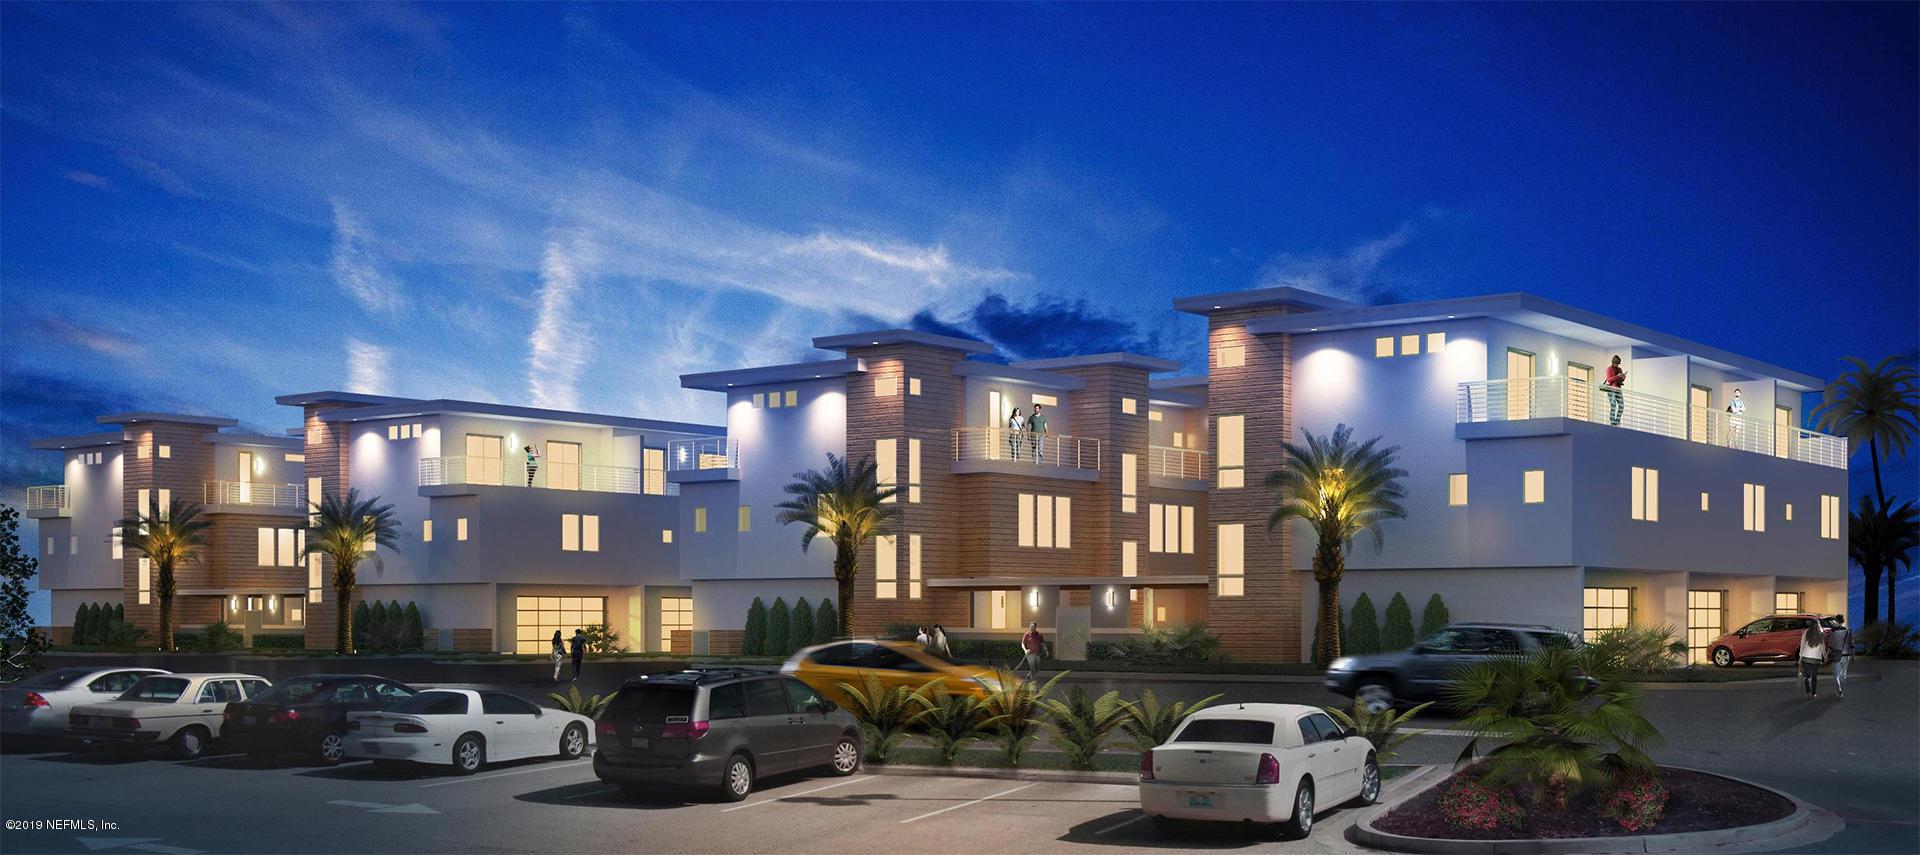 307 AHERN, ATLANTIC BEACH, FLORIDA 32233, 3 Bedrooms Bedrooms, ,2 BathroomsBathrooms,Residential - townhome,For sale,AHERN,995641